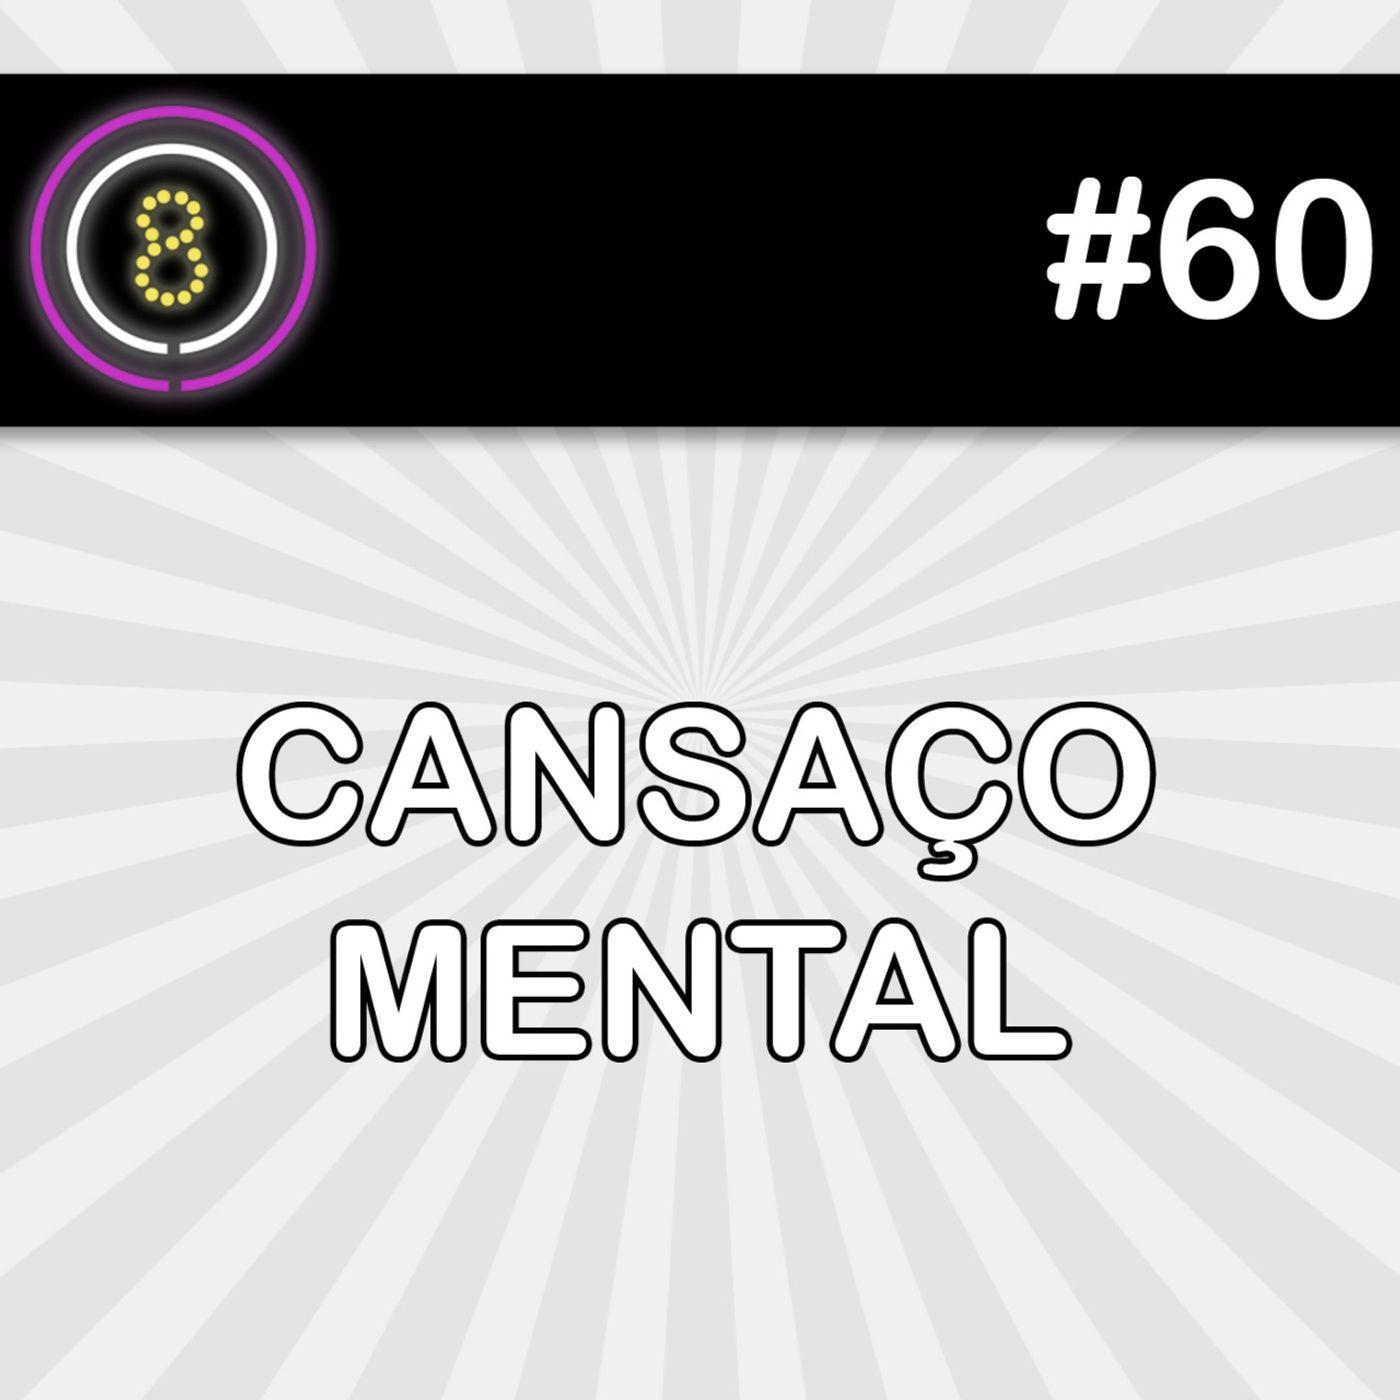 #60 - Cansaço Mental